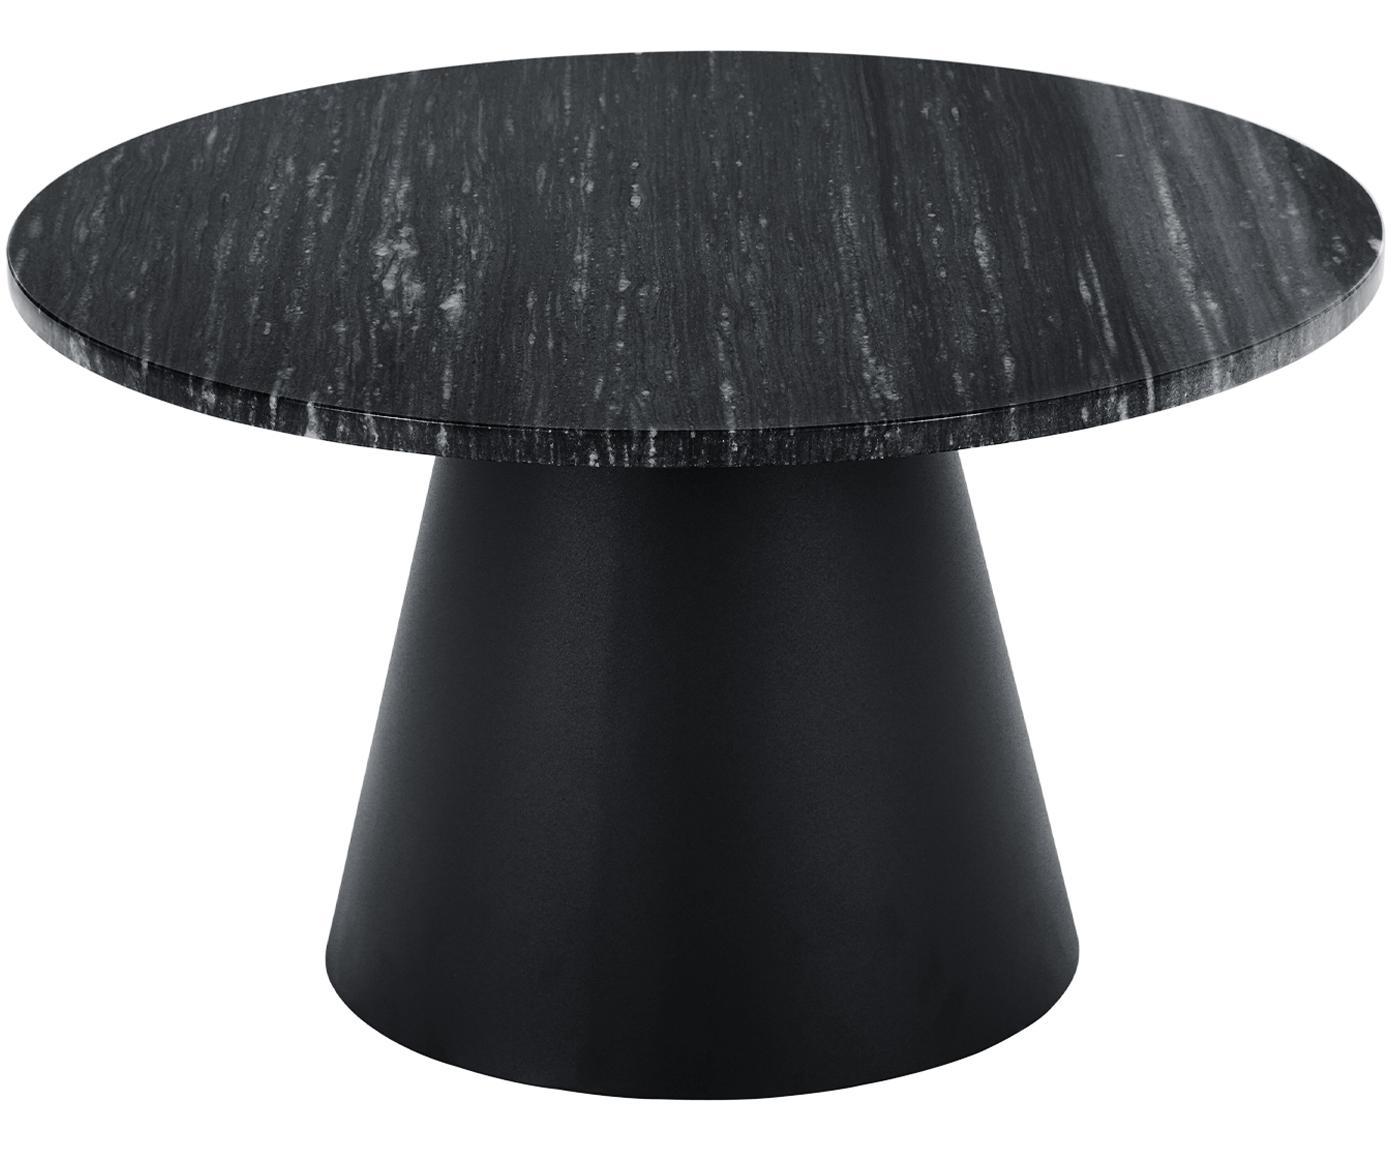 Okrągły stolik kawowy z marmuru Theo, Blat: marmur, Stelaż: metal powlekany, Czarny marmur, czarny, Ø 70 x W 40 cm